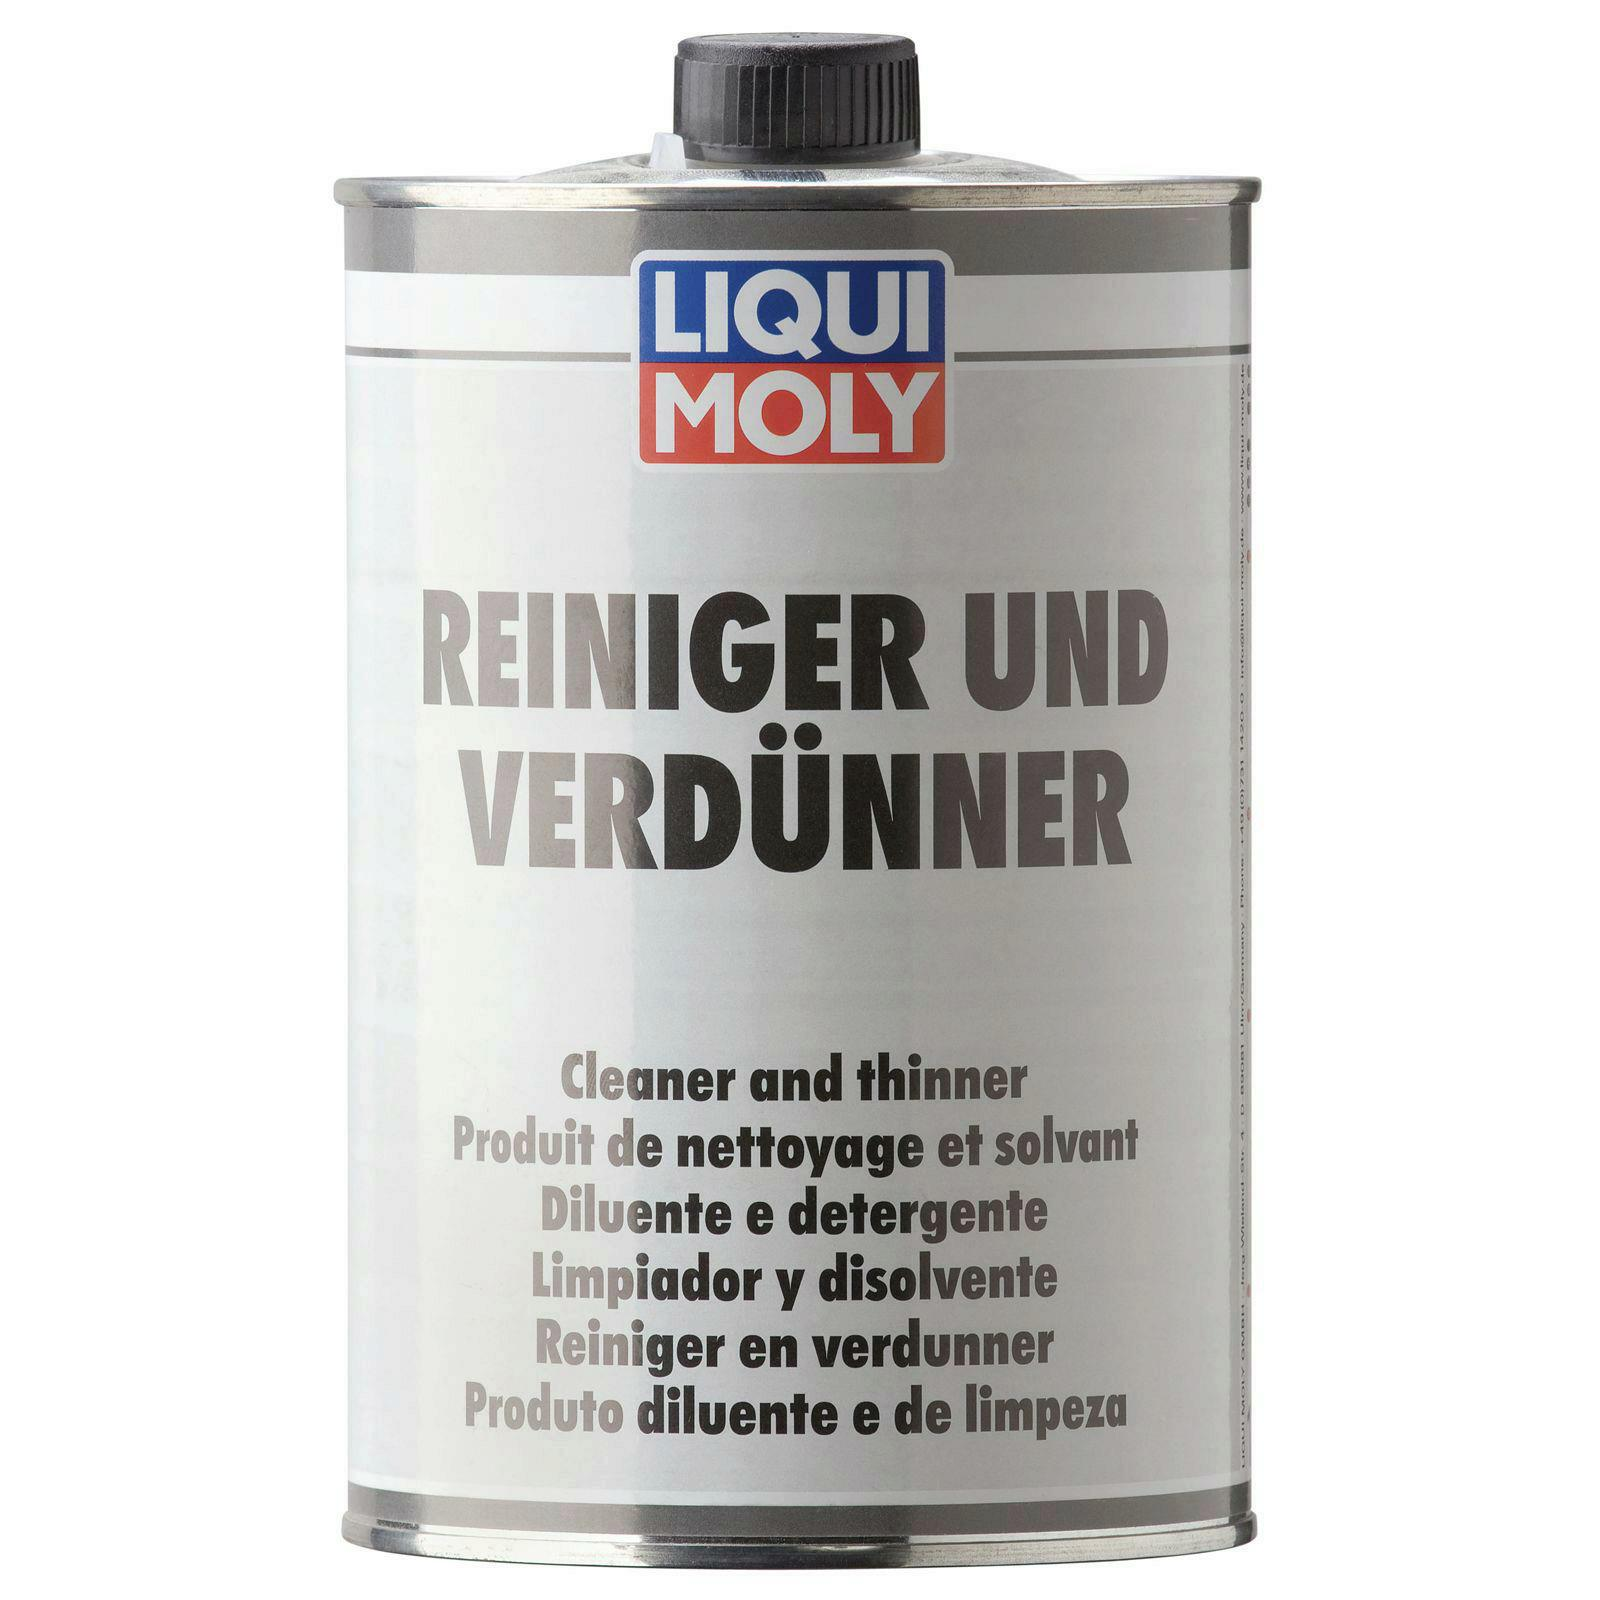 Liqui Moly Reiniger und Verdünner 1l